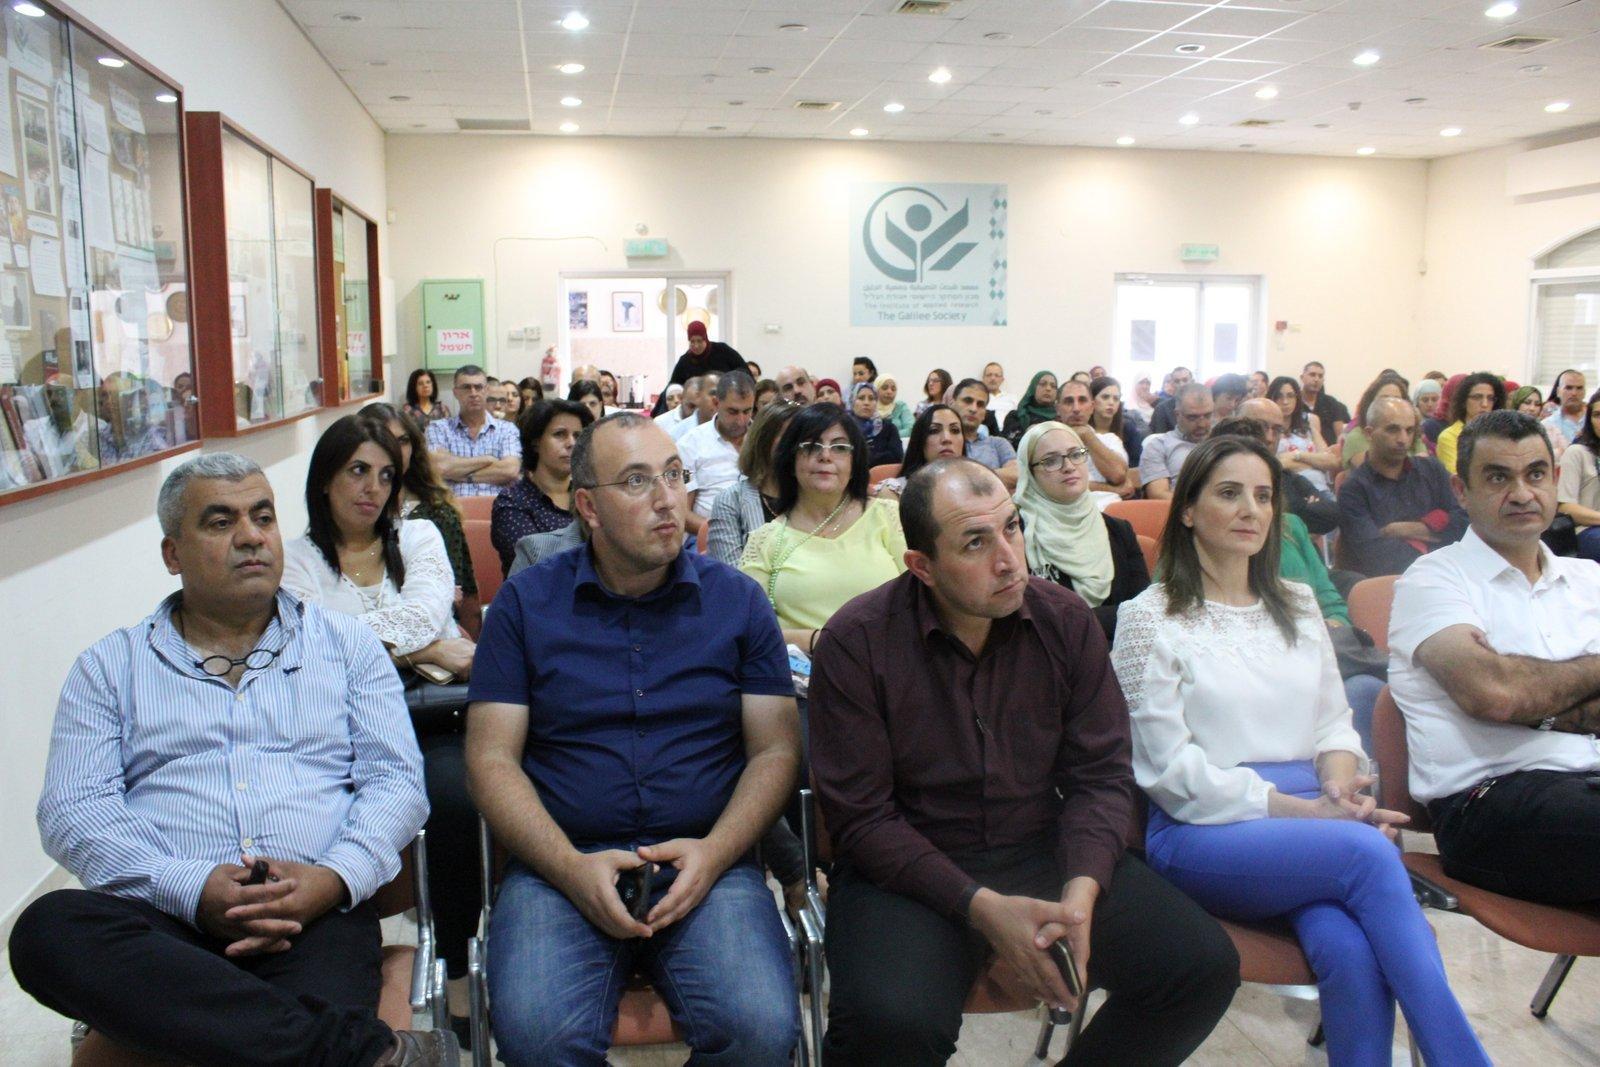 جمعية الجليل تستضيف معلمي العلوم في المدارس الإعدادية